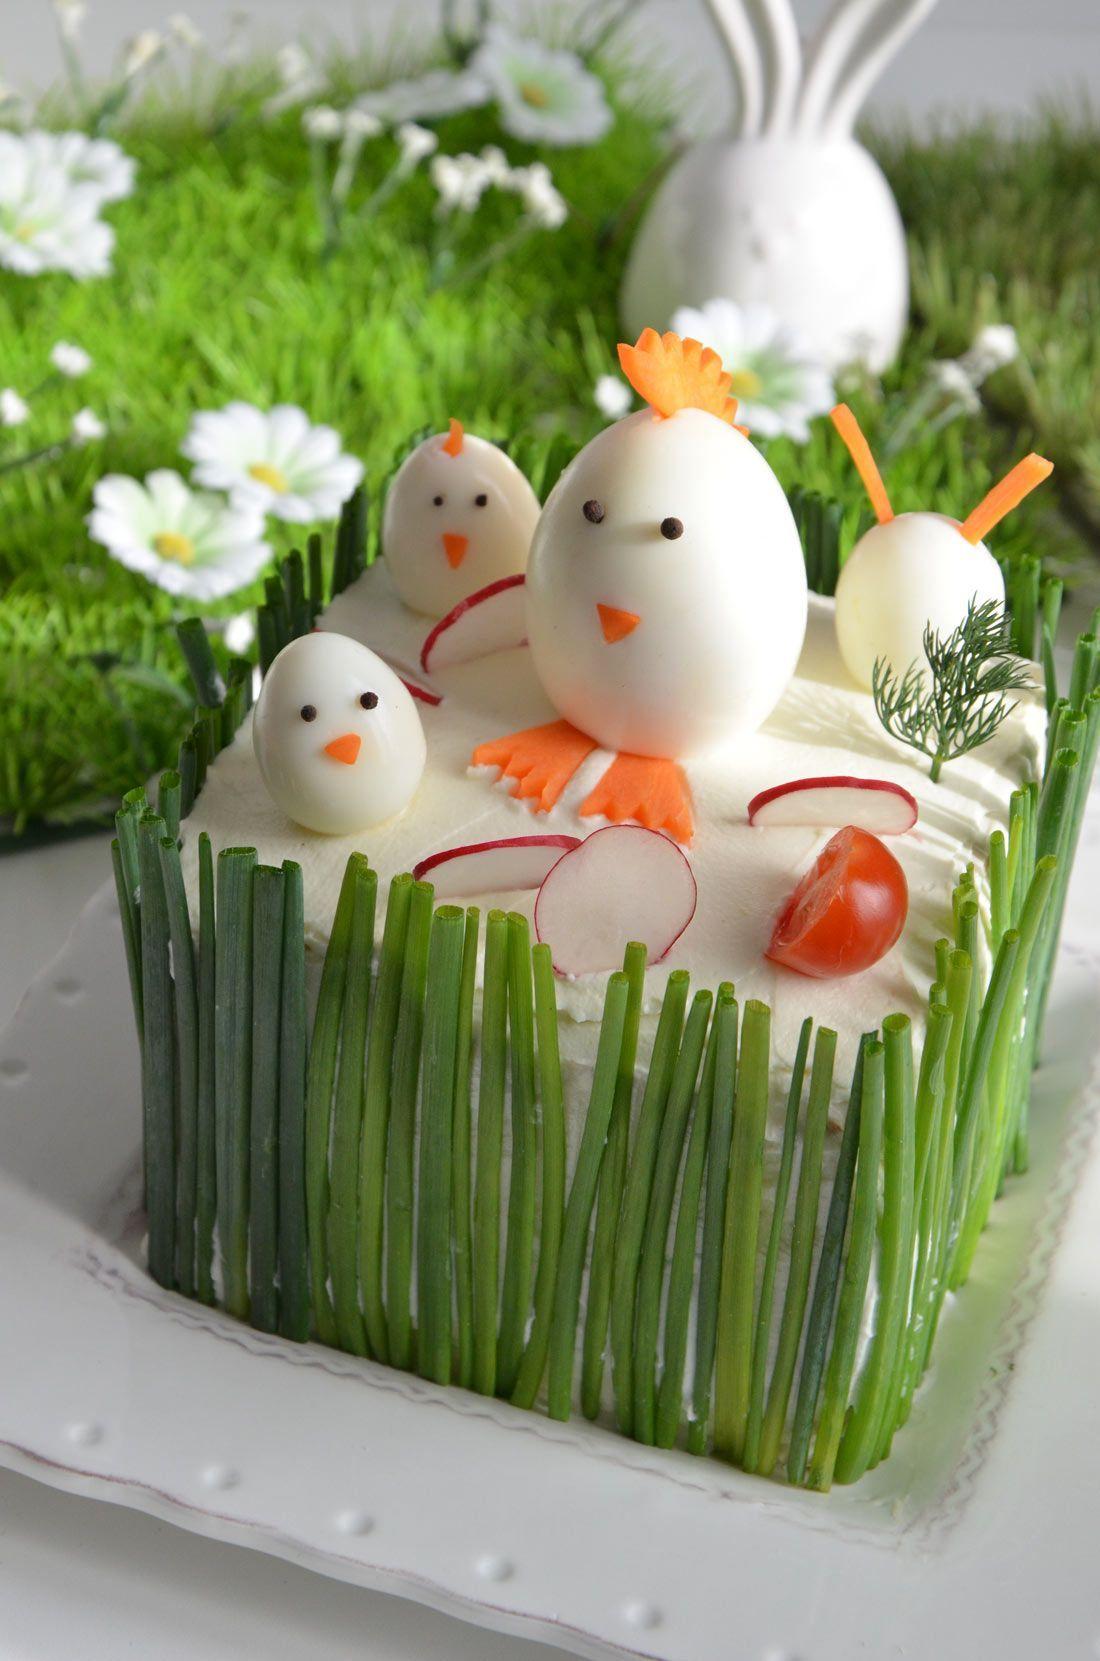 Sandwich-cake de Pâques au saumon fumé | Recette | Recettes de pâques, Repas de paques et Entrée ...